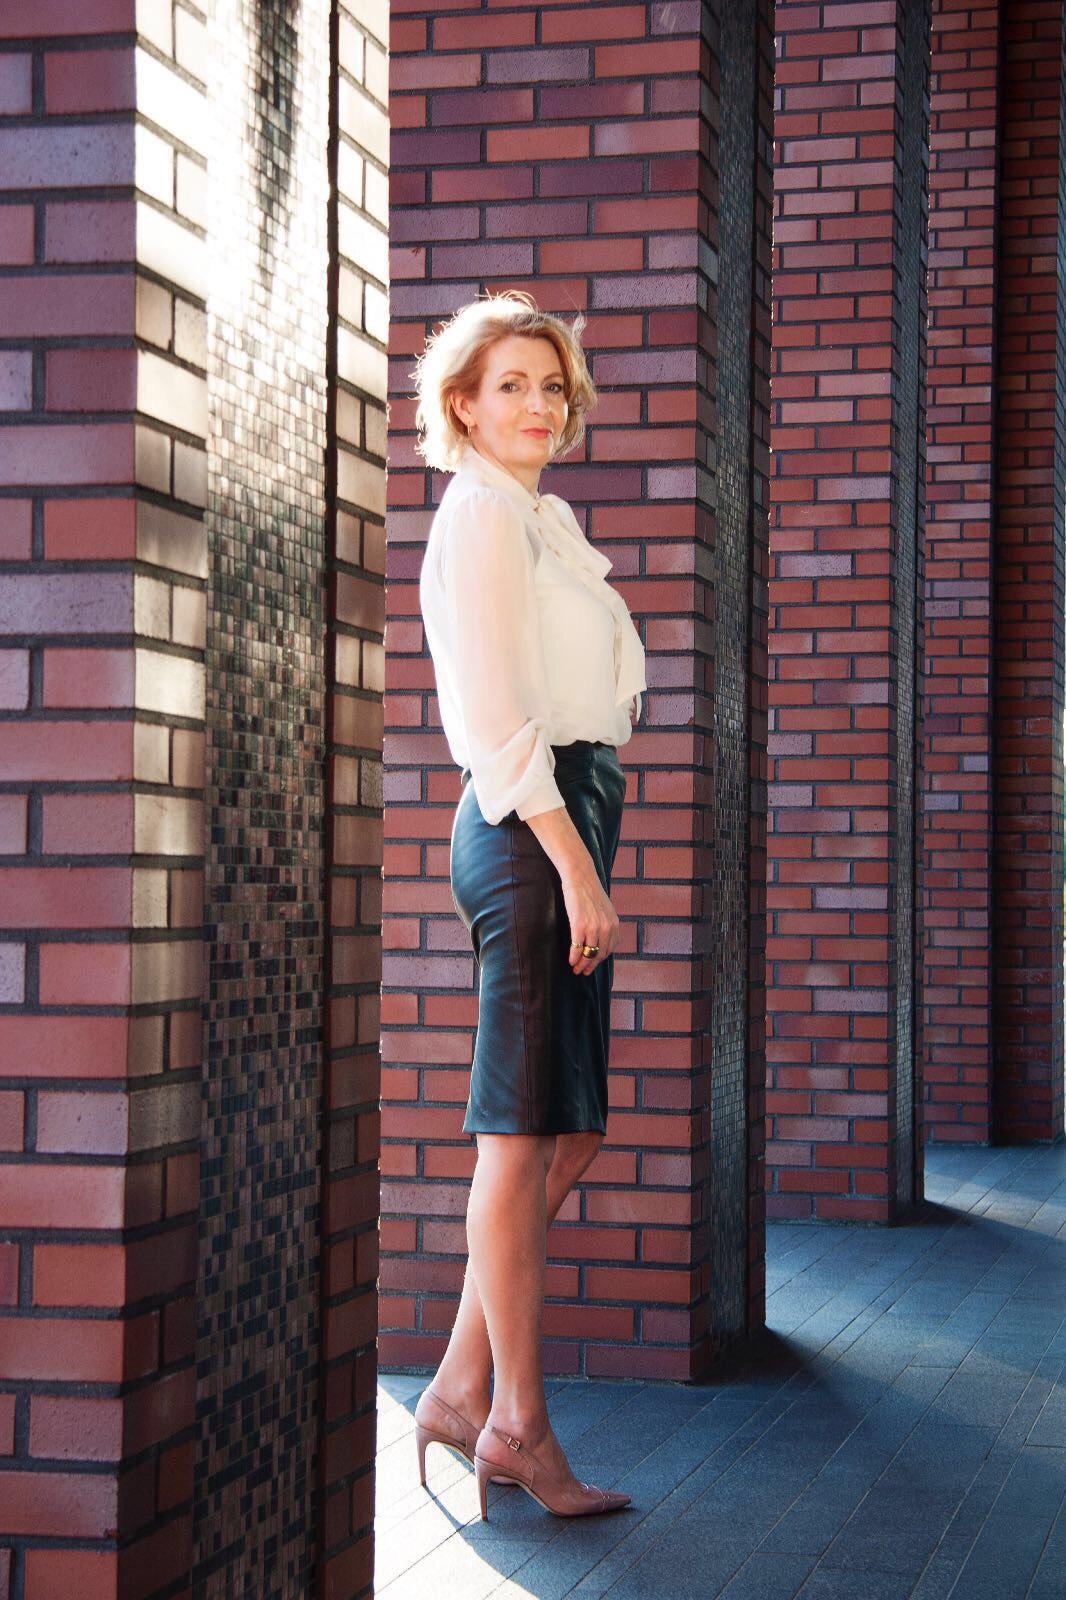 Judith Langenhorst